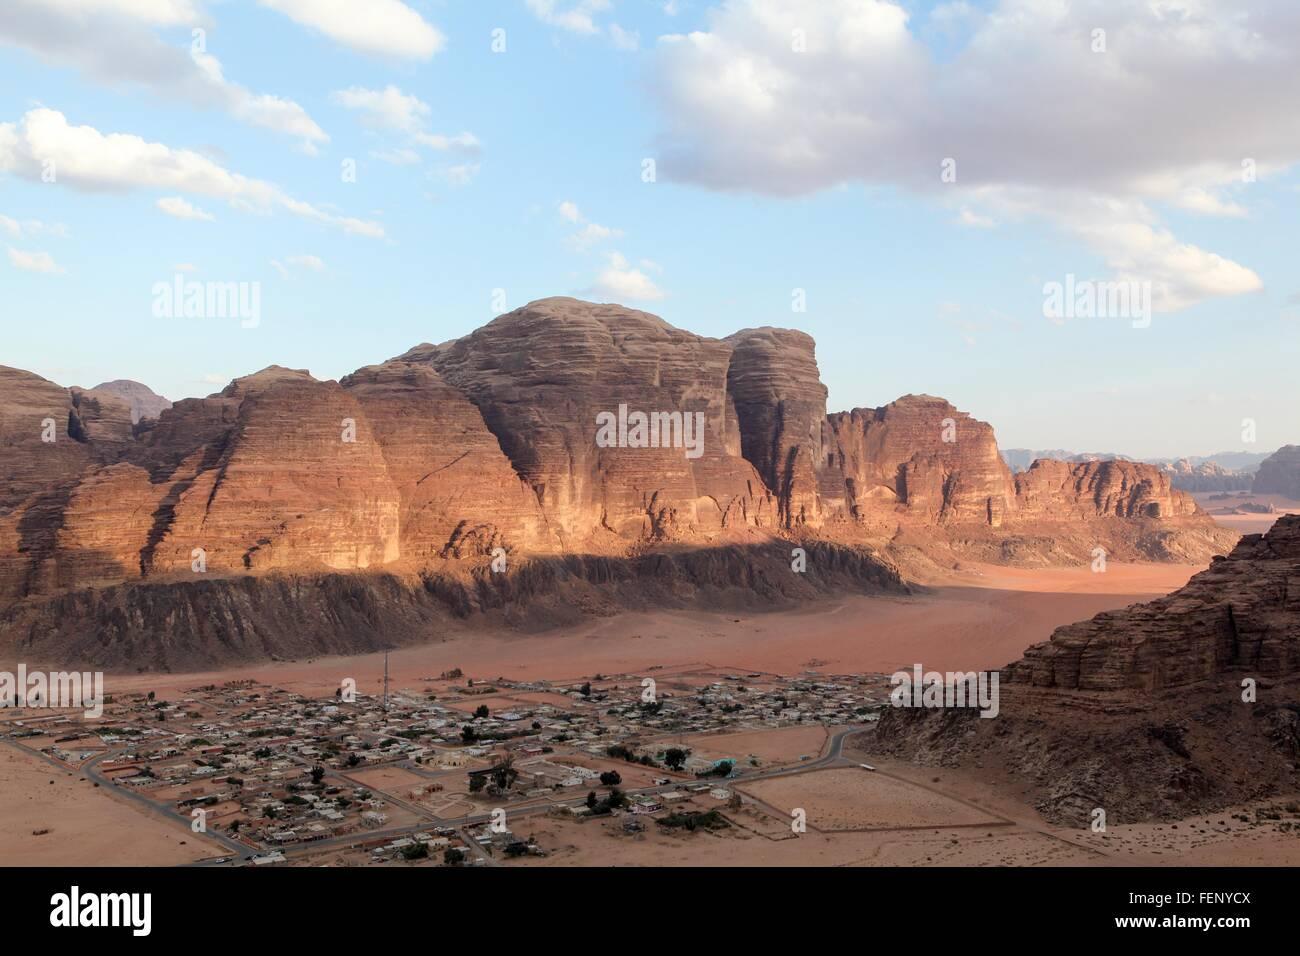 Elevated view of village by mountain range, Wadi Ram, Jordan - Stock Image